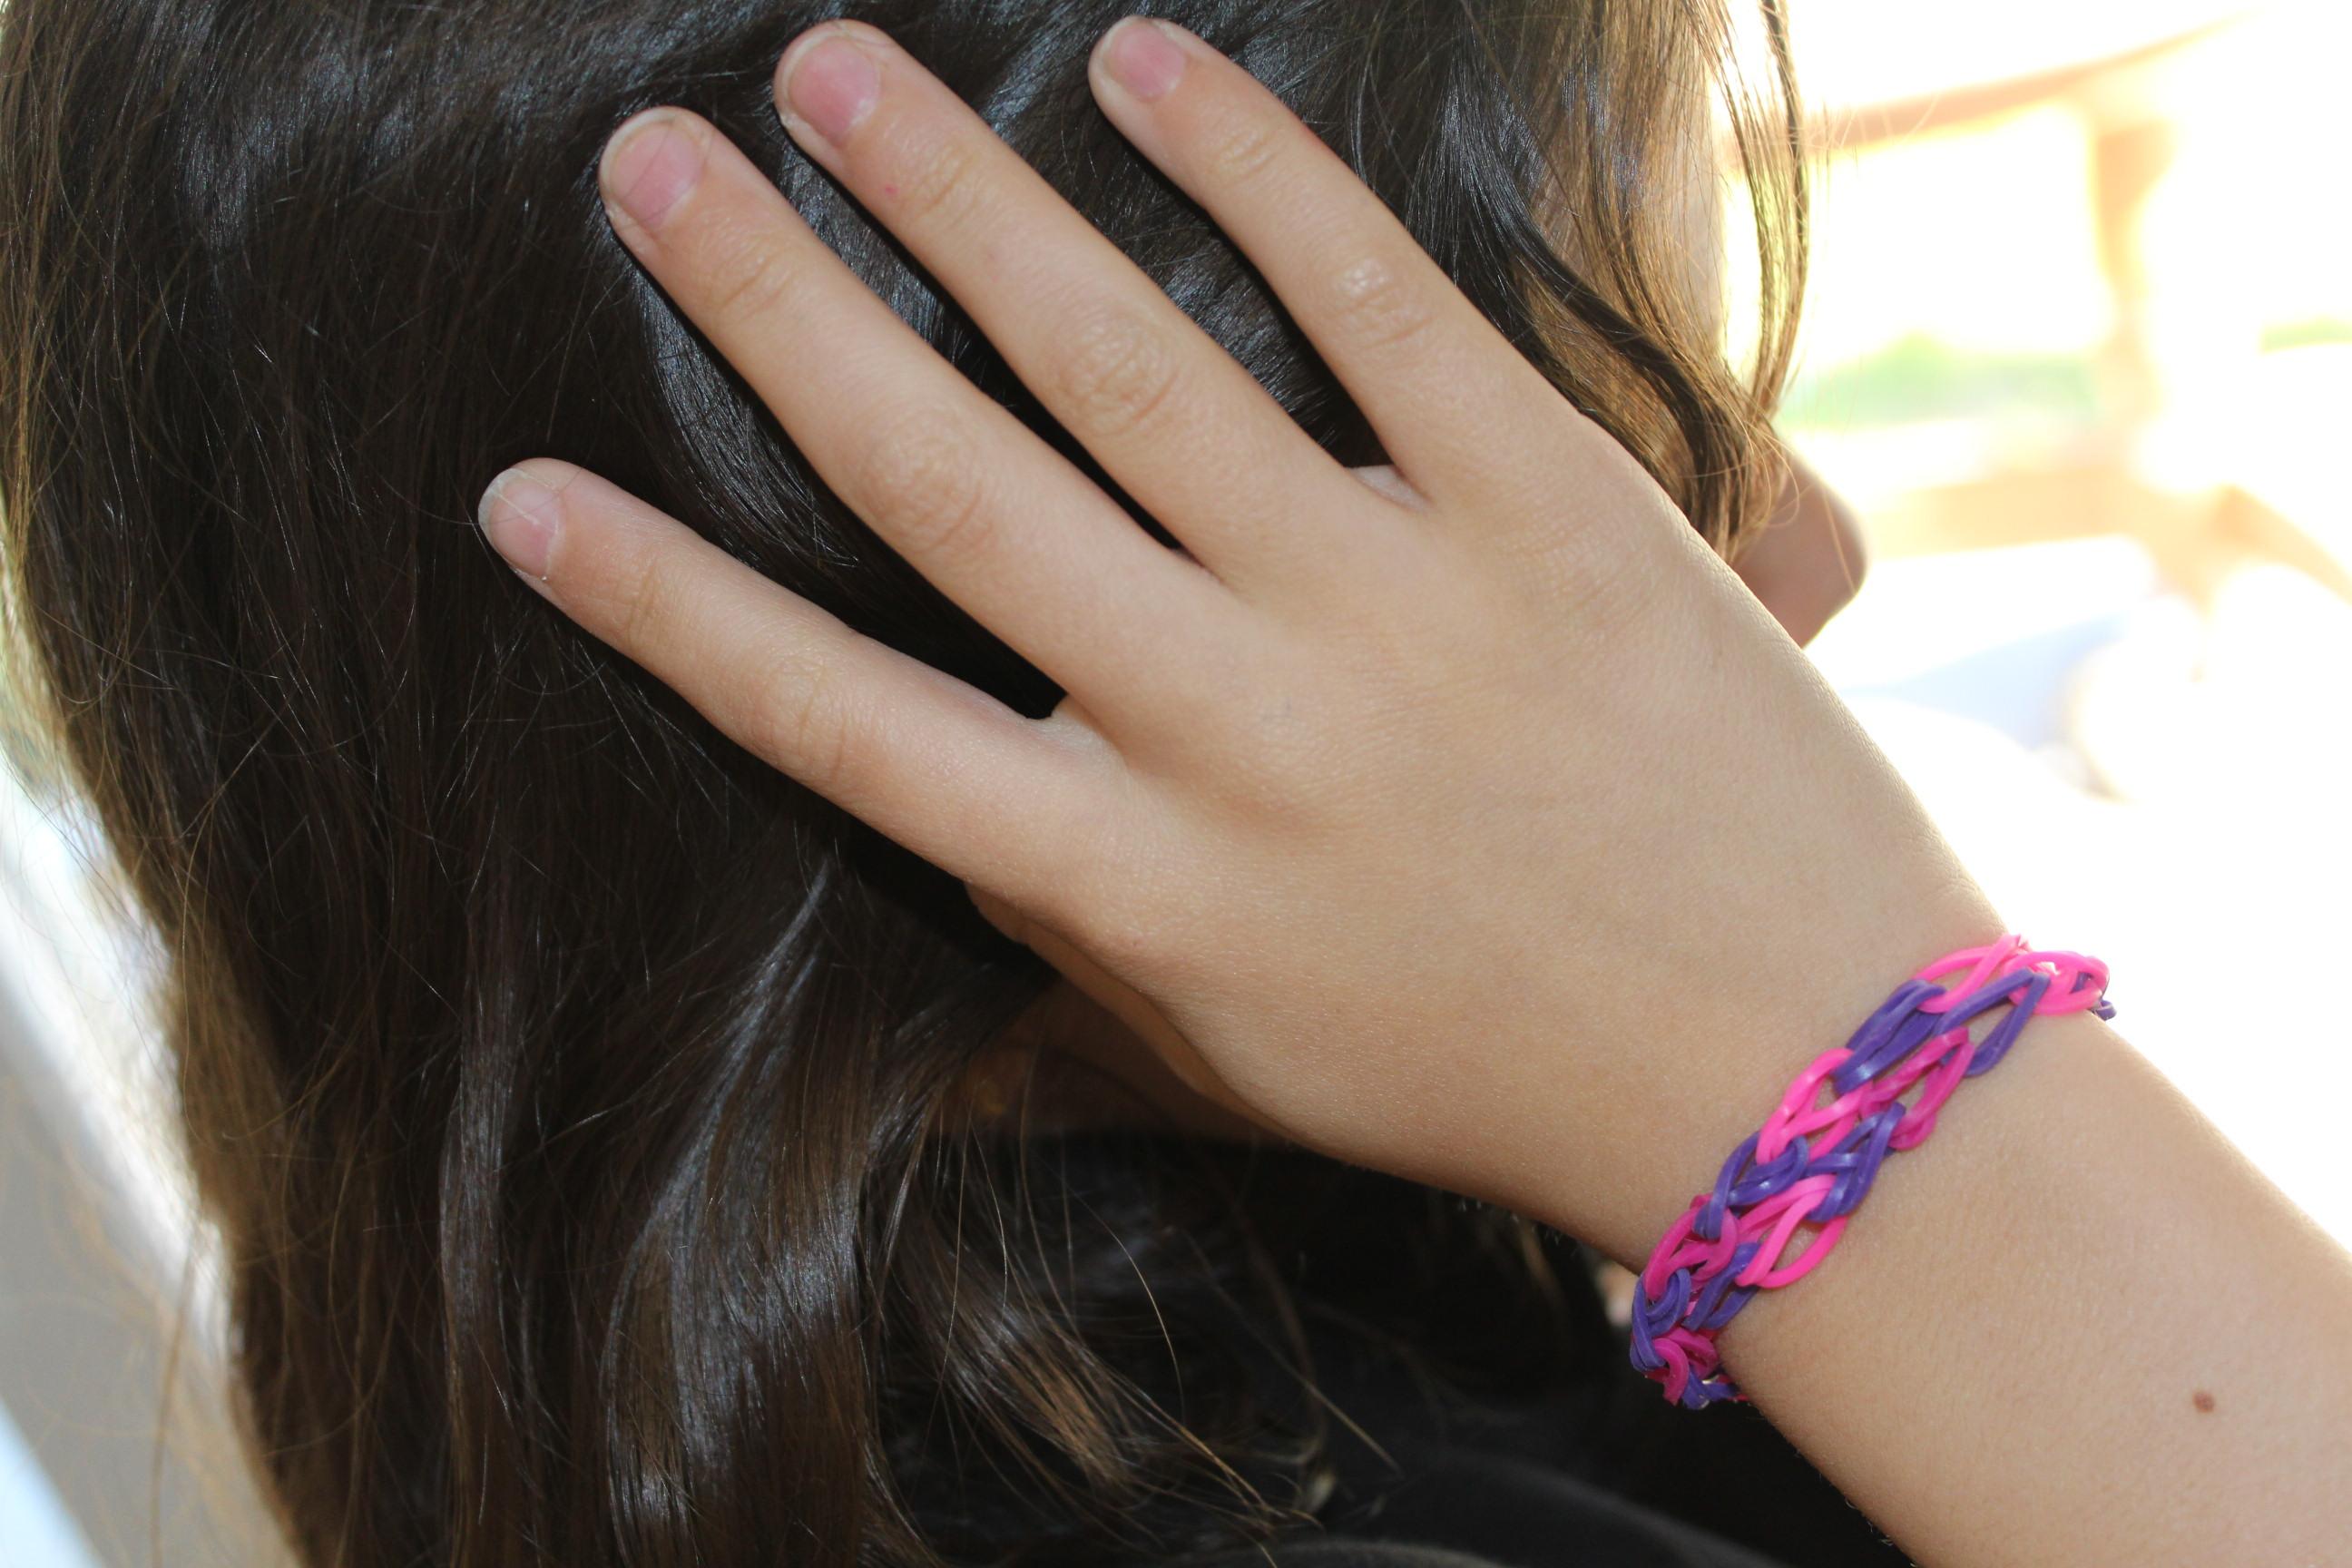 Cra z loom les bracelets lastiques fabriquer soi m me une id e 1000 possibilit s les - Comment faire les bracelet elastique ...